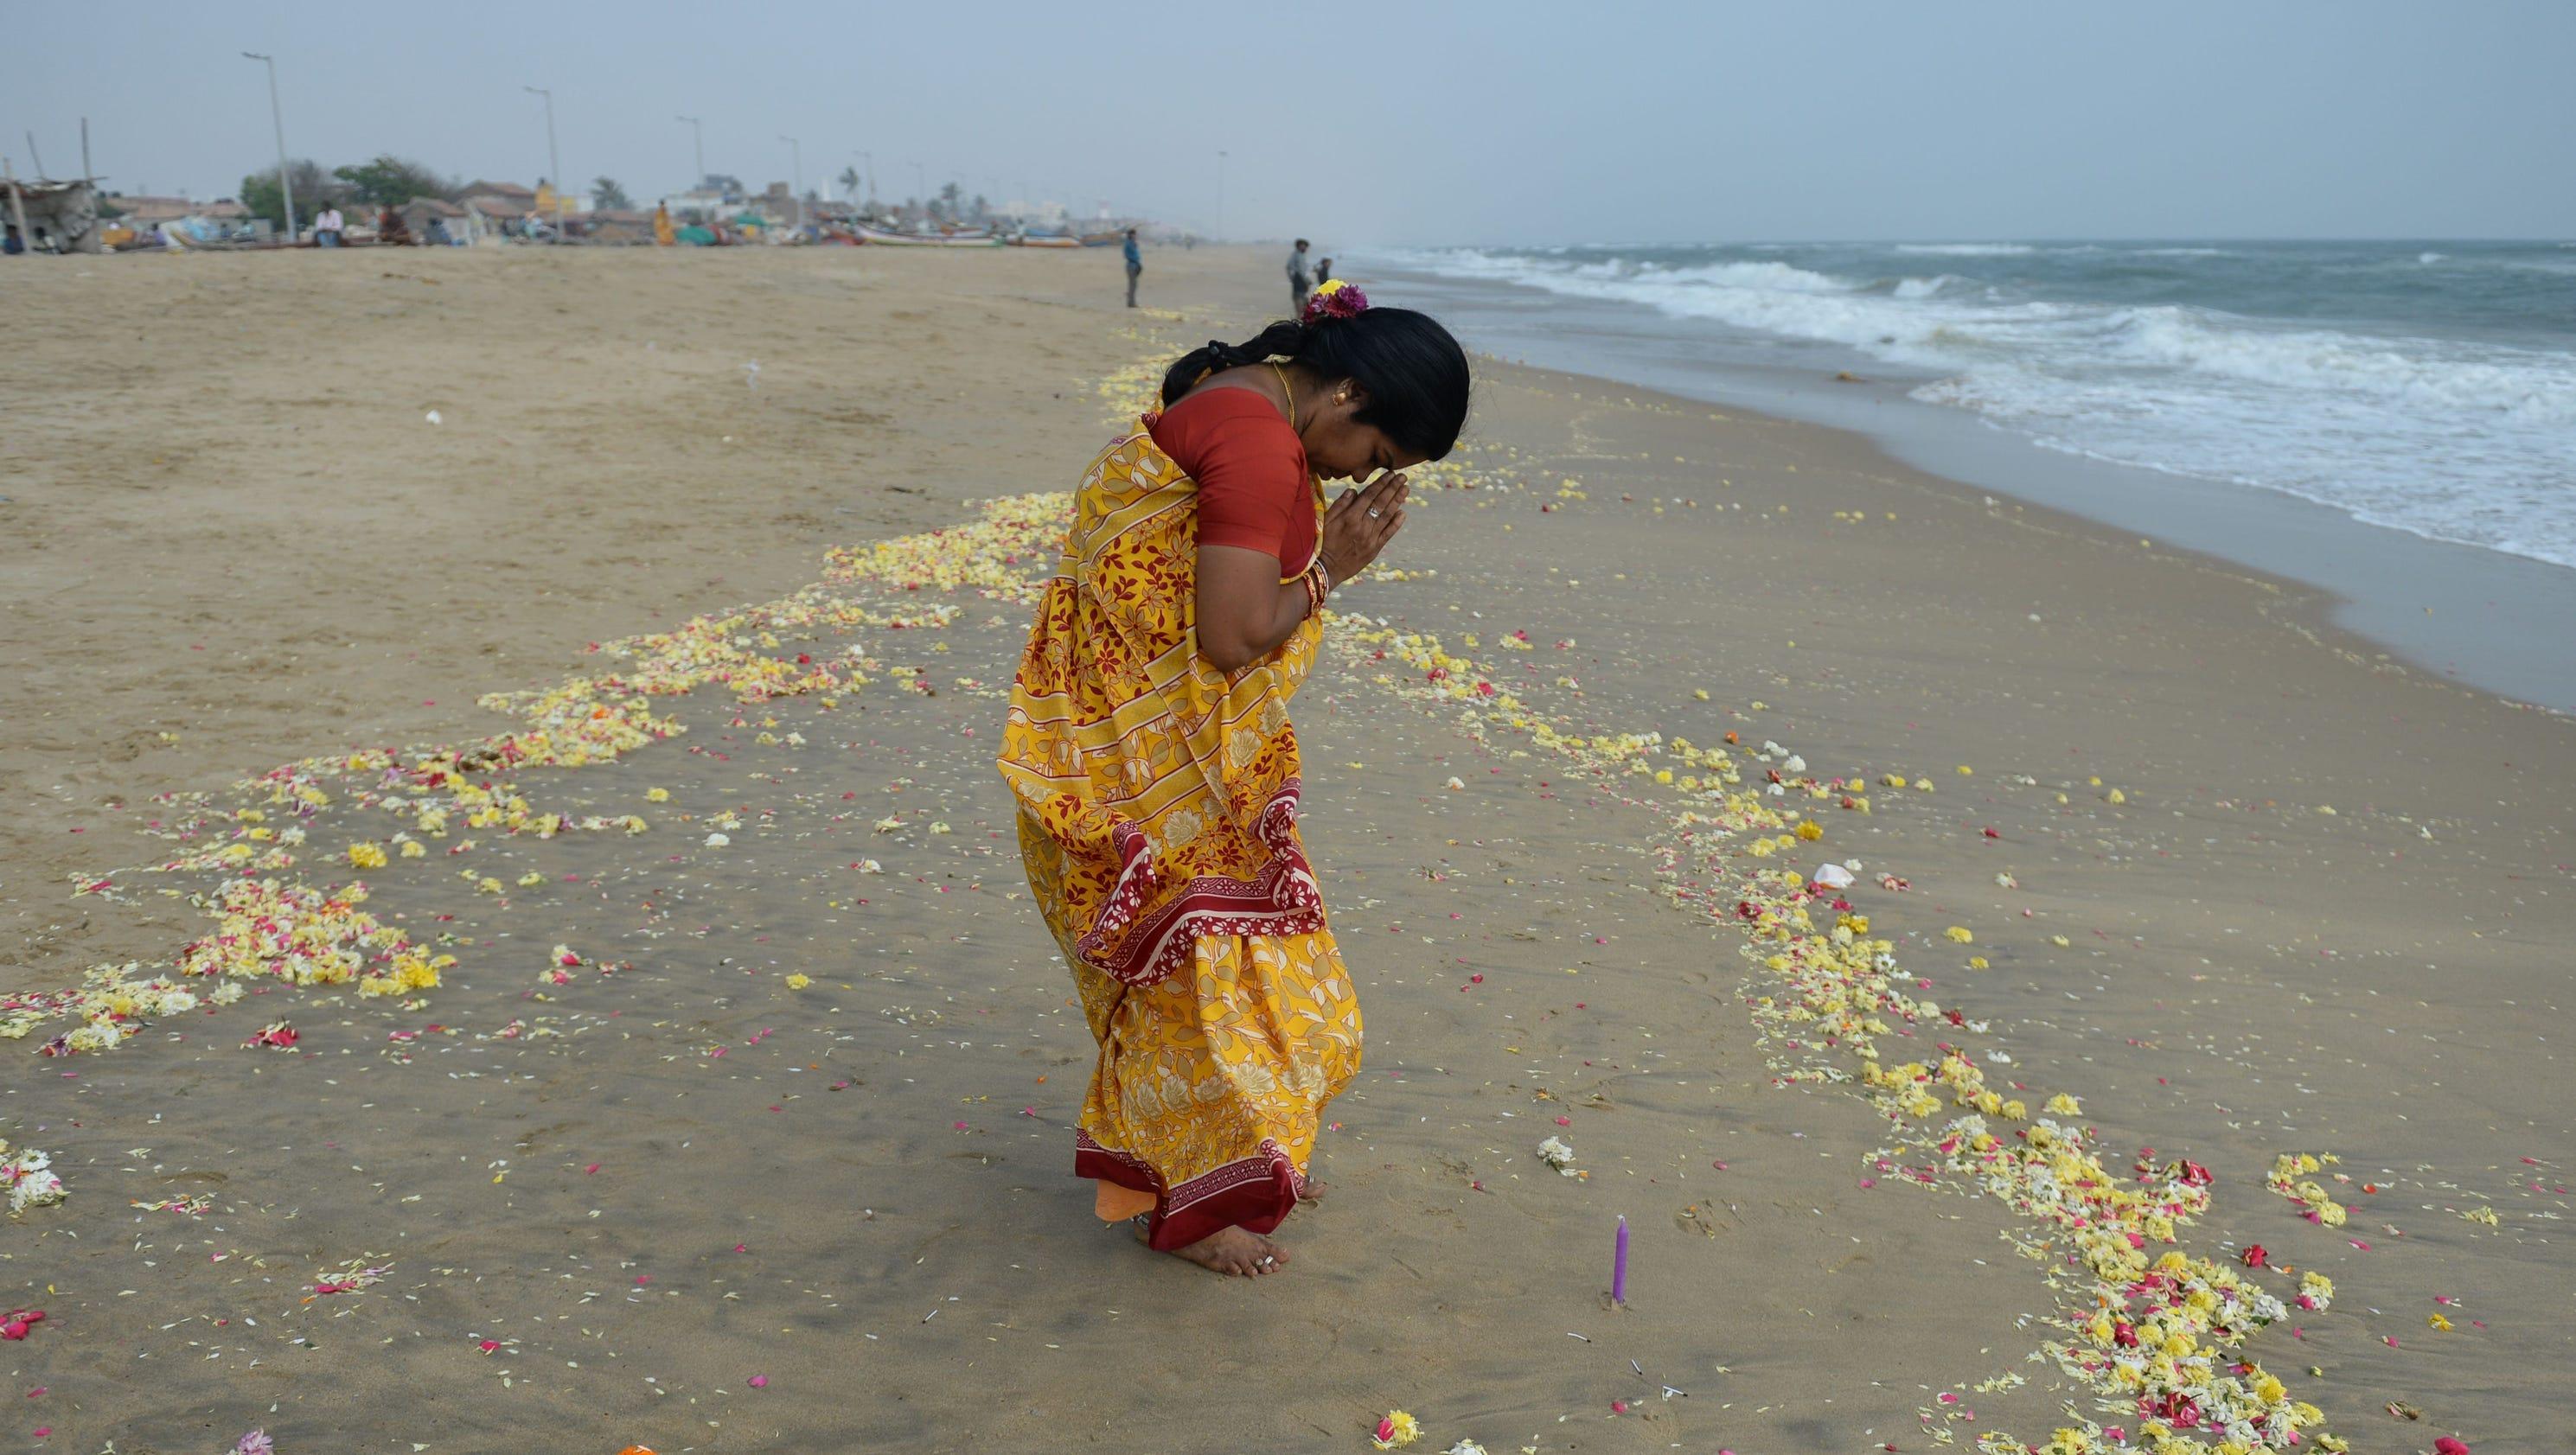 2004 tsunami victims remembered